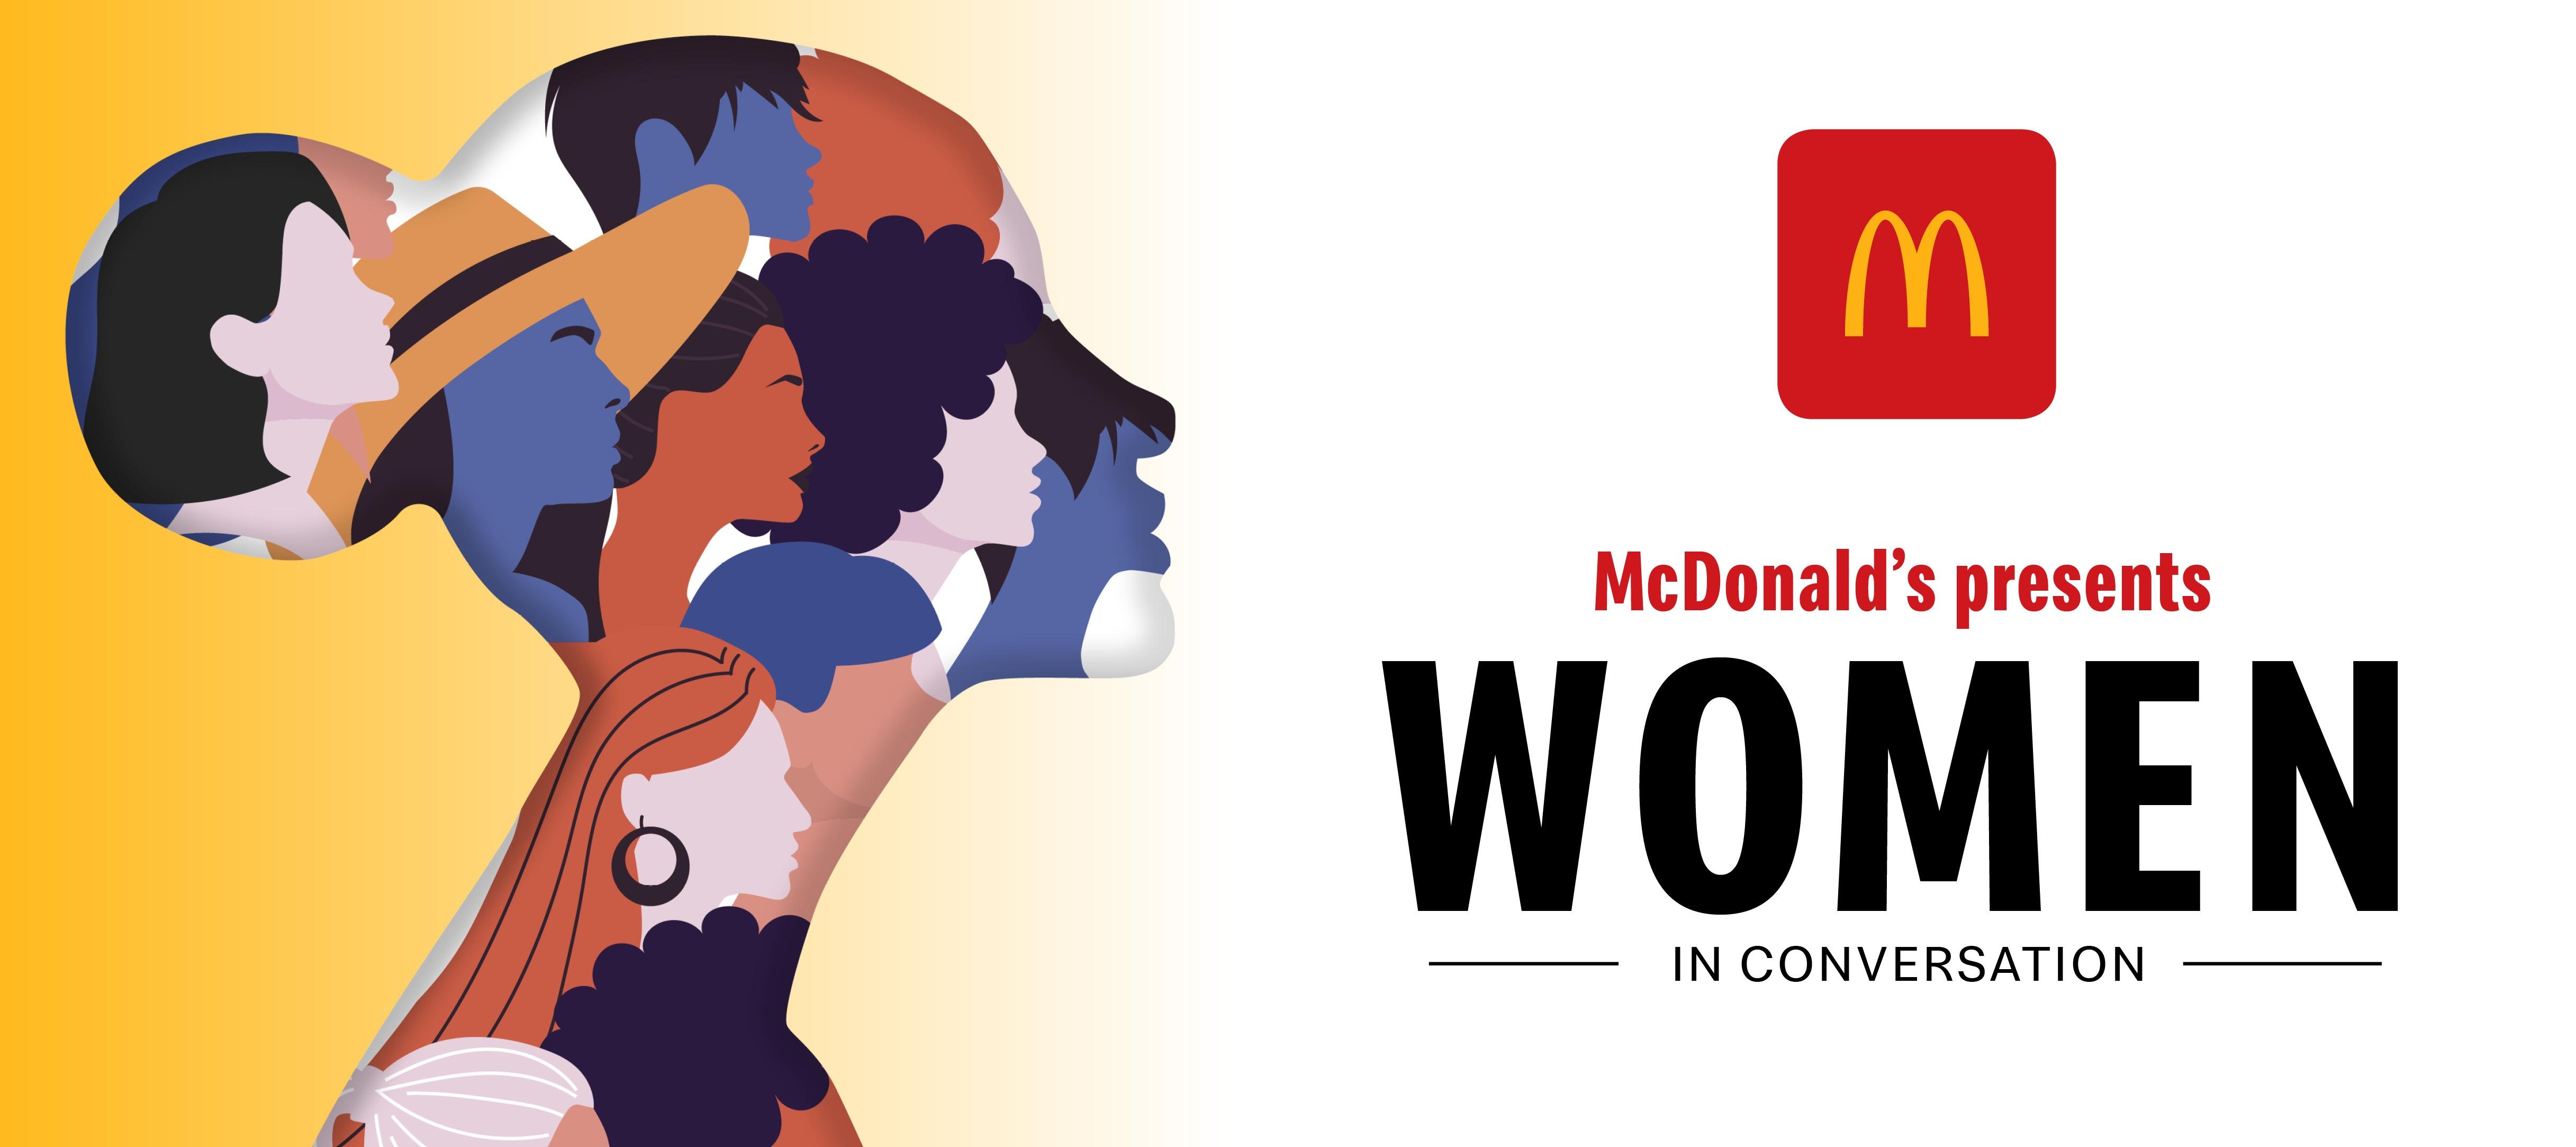 Women in conversation - McDonald's